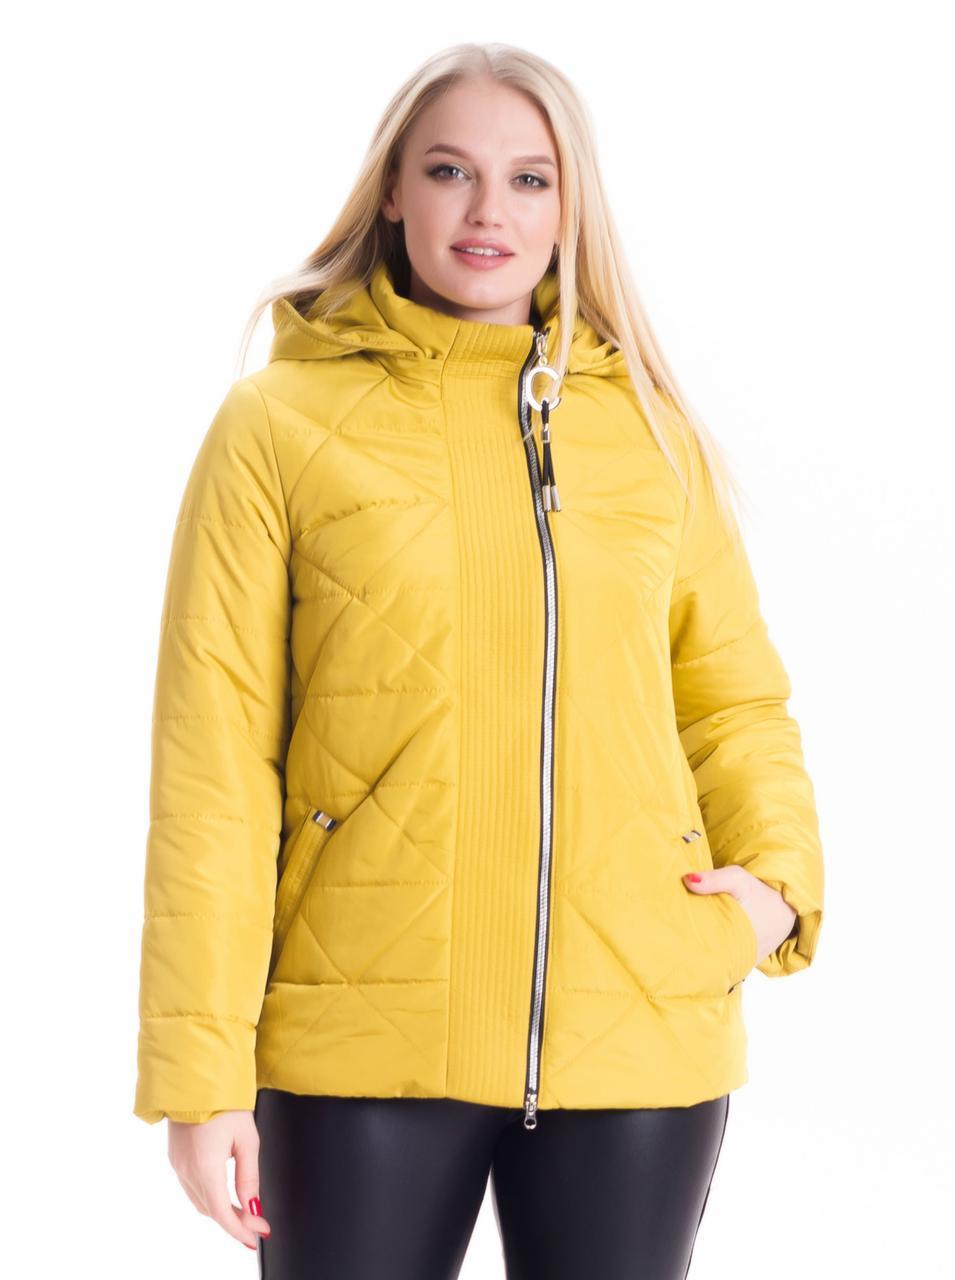 998cc1802ca Стильная женская куртка от производителя - купить по лучшей цене в ...